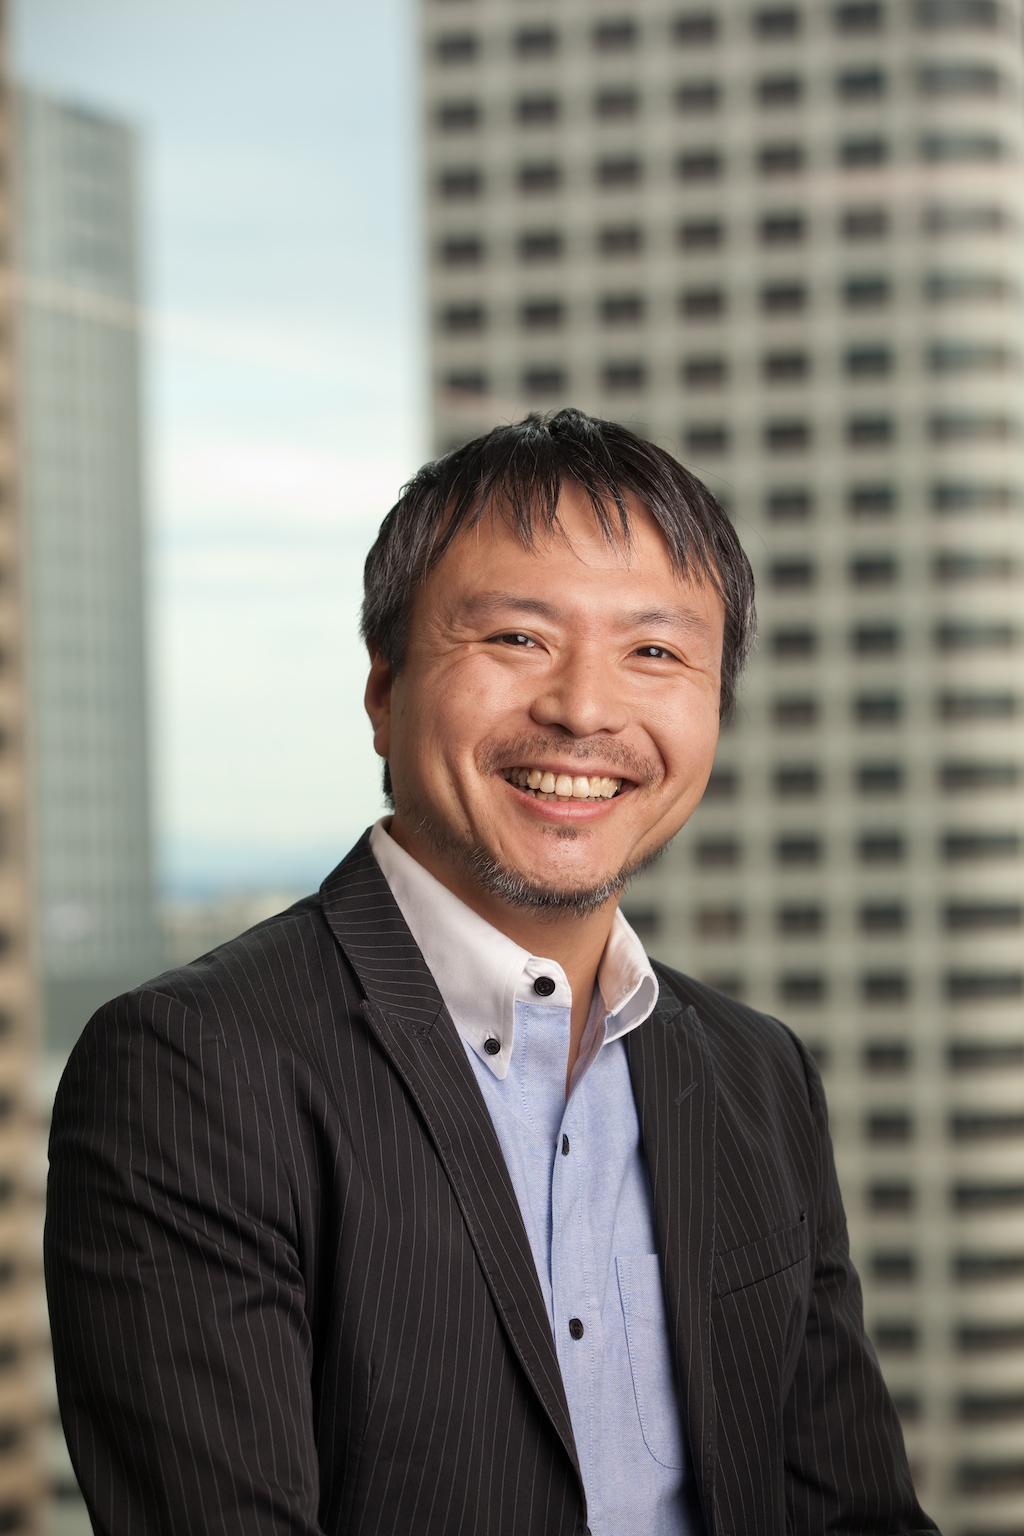 窪田 良(くぼた・りょう), MD, PhD